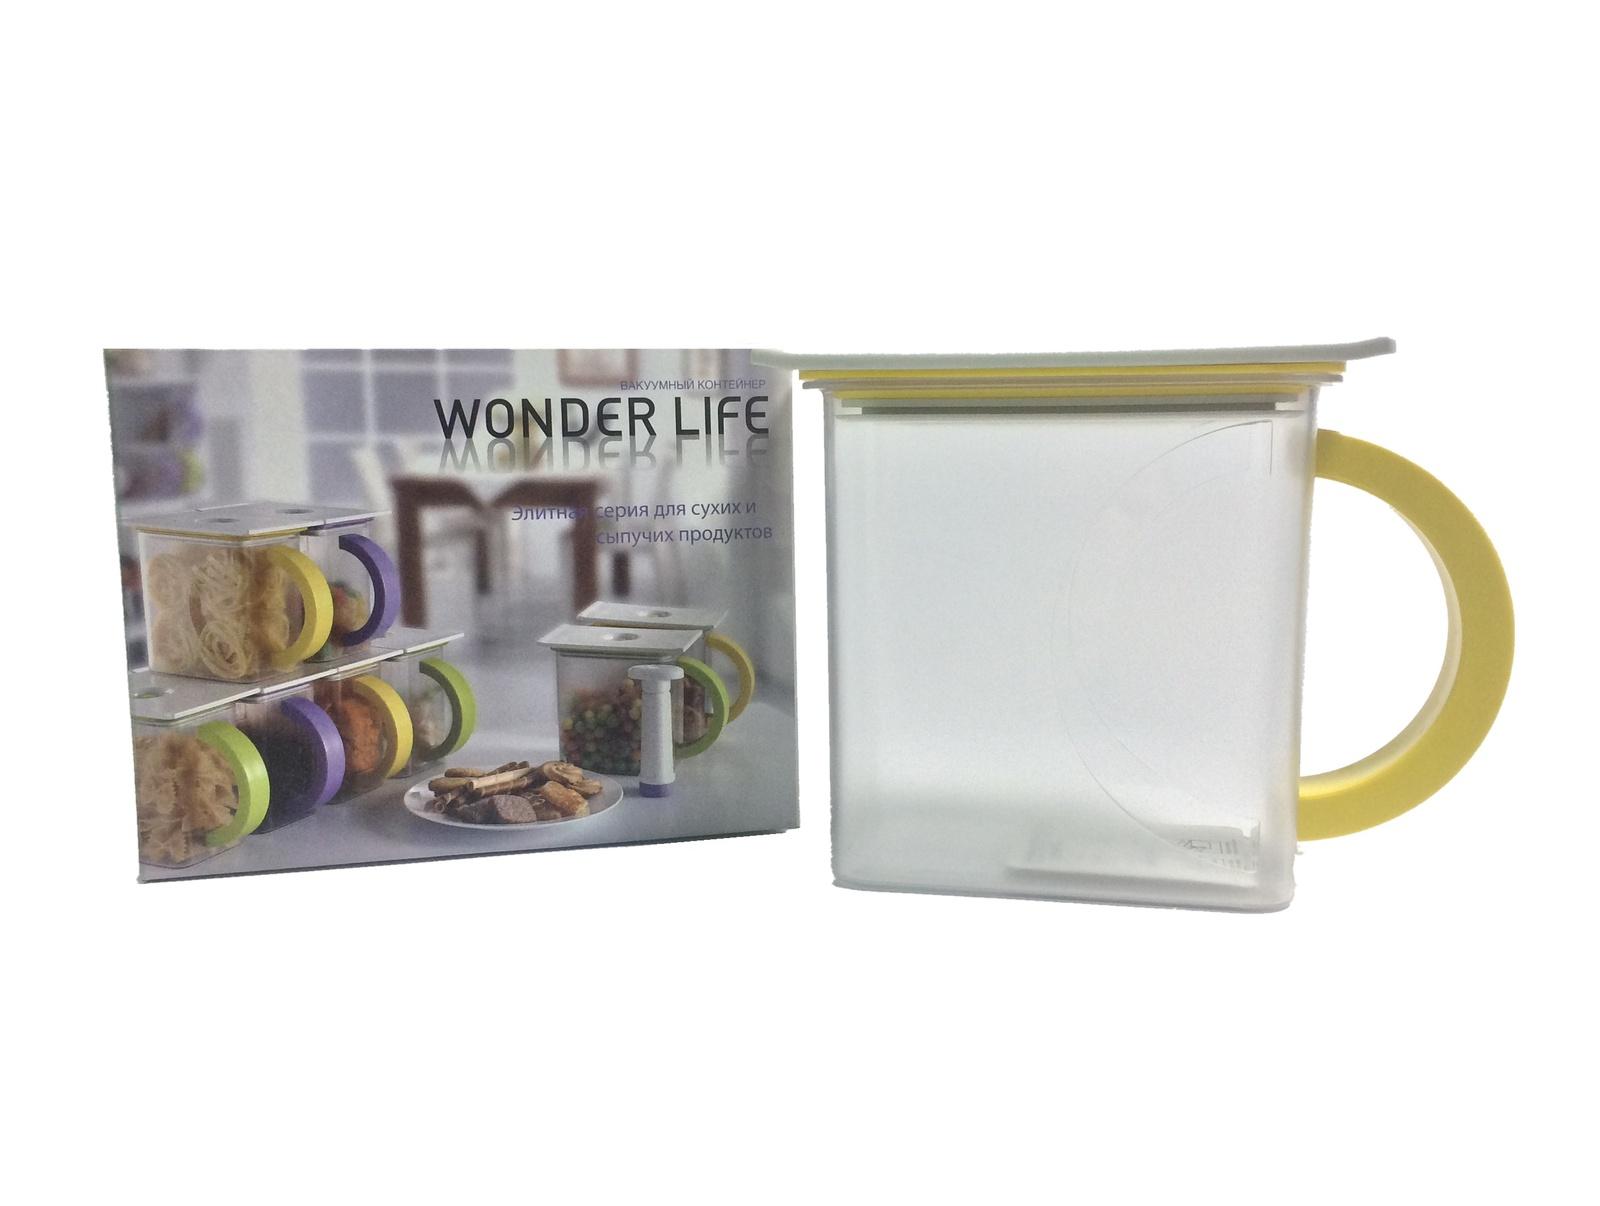 Контейнер вакуумный для пищи Wonder Life Вакуумный контейнер для сыпучих продуктов, WL-1500-C-Yel, желтый контейнер вакуумный для хранения сыпучих продуктов prepara evak 1 36 л